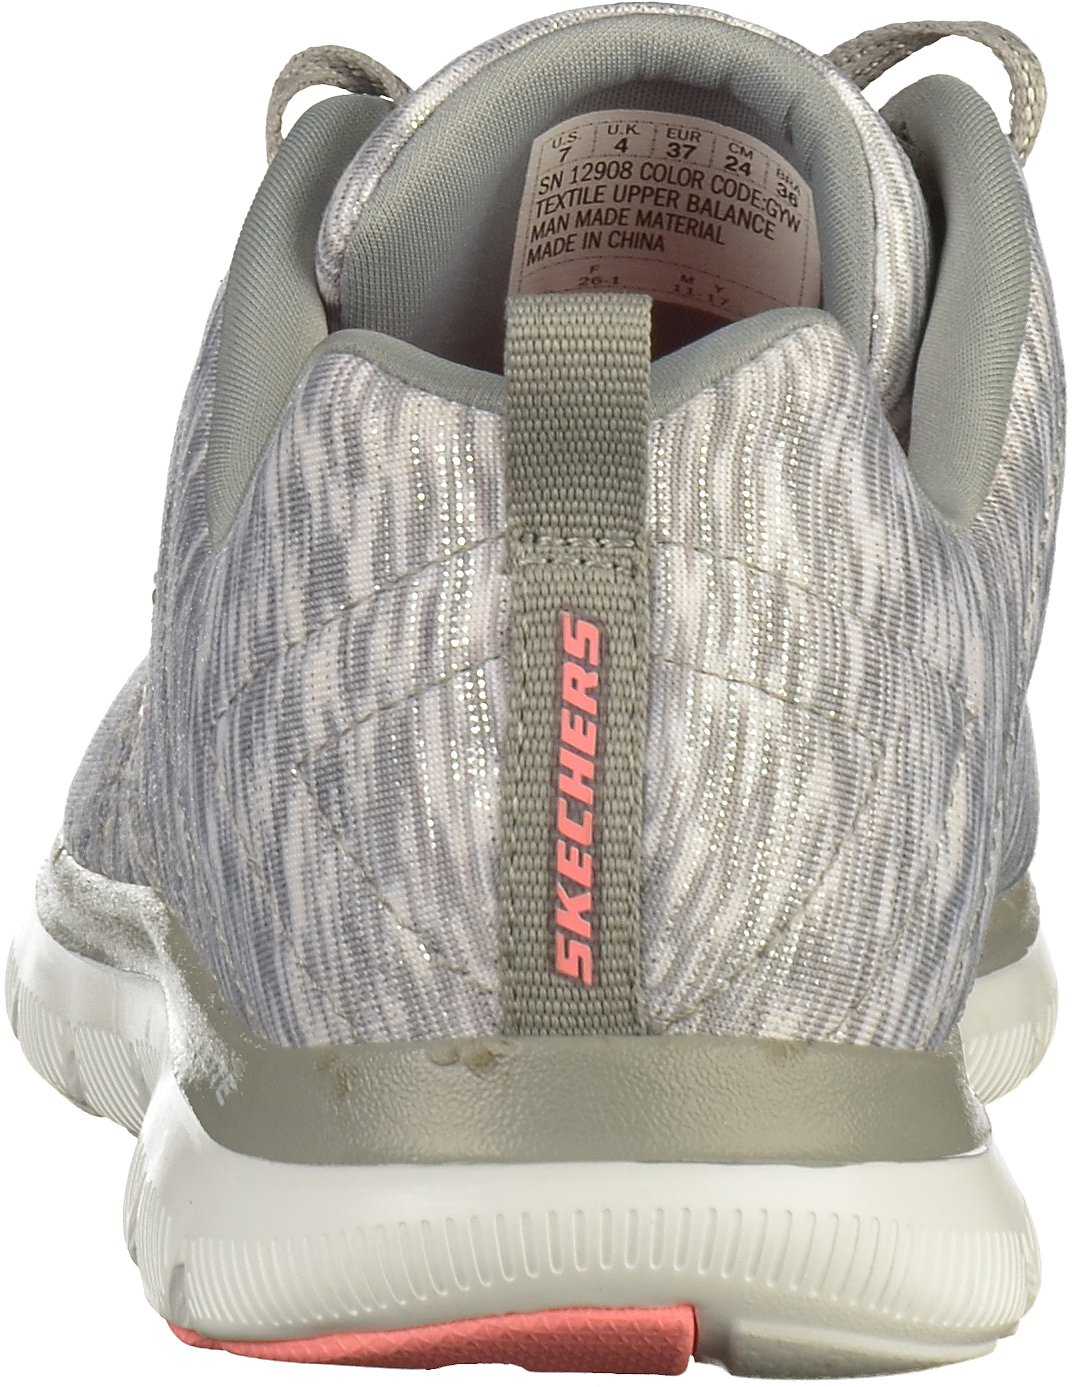 Skechers Damen Flex Appeal Grau 2.0 - Reflection Sneaker, Grau Appeal 83750a